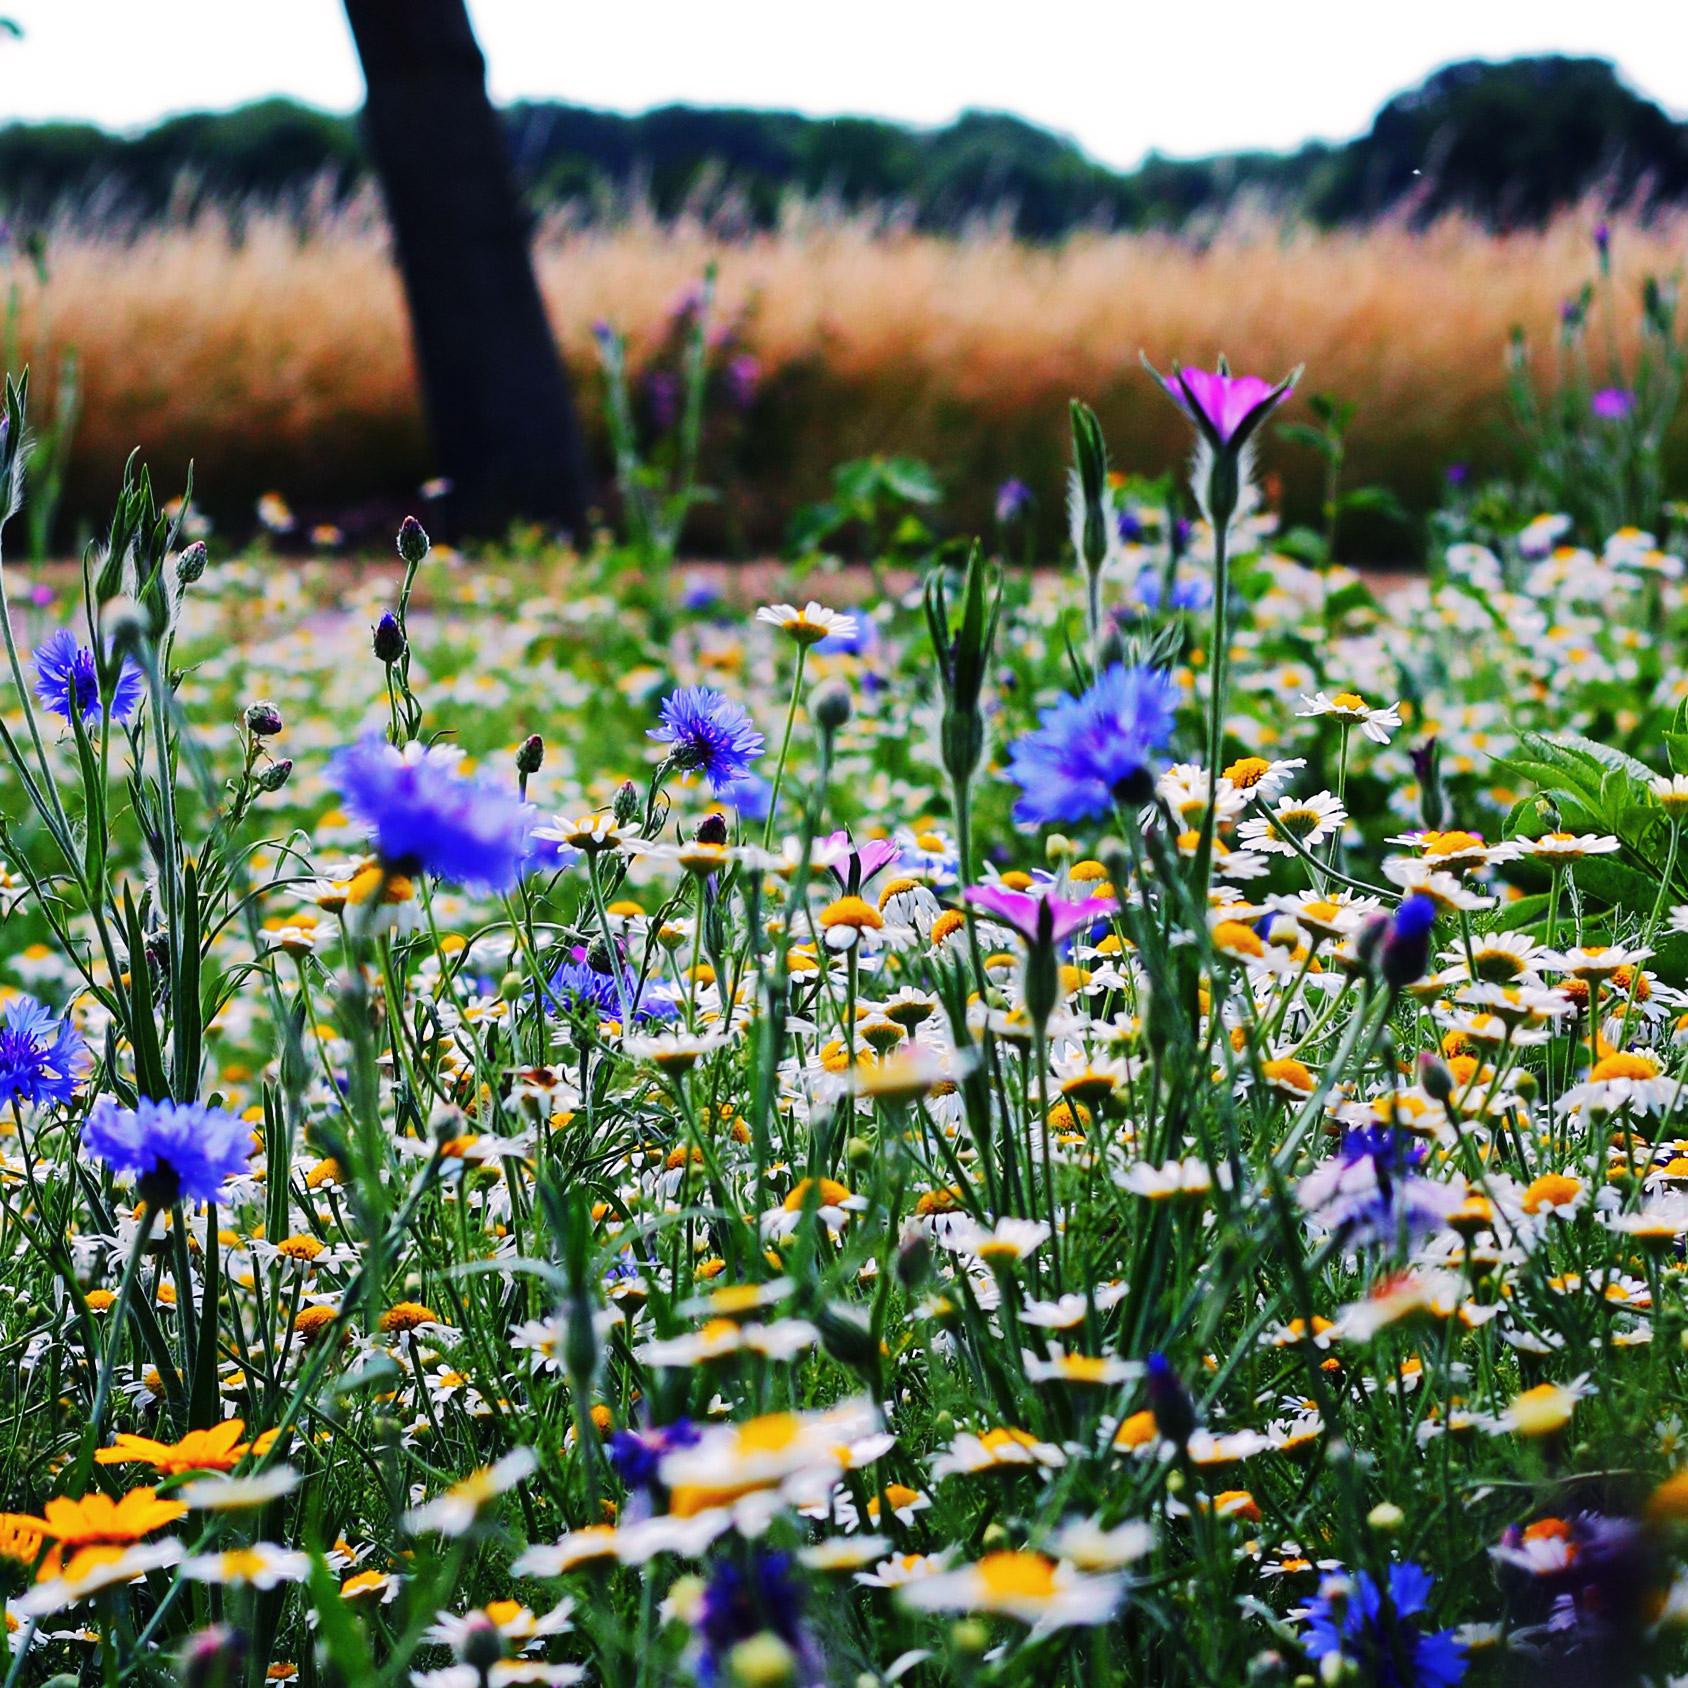 äng, blommor, vildblommor, ängsblommor